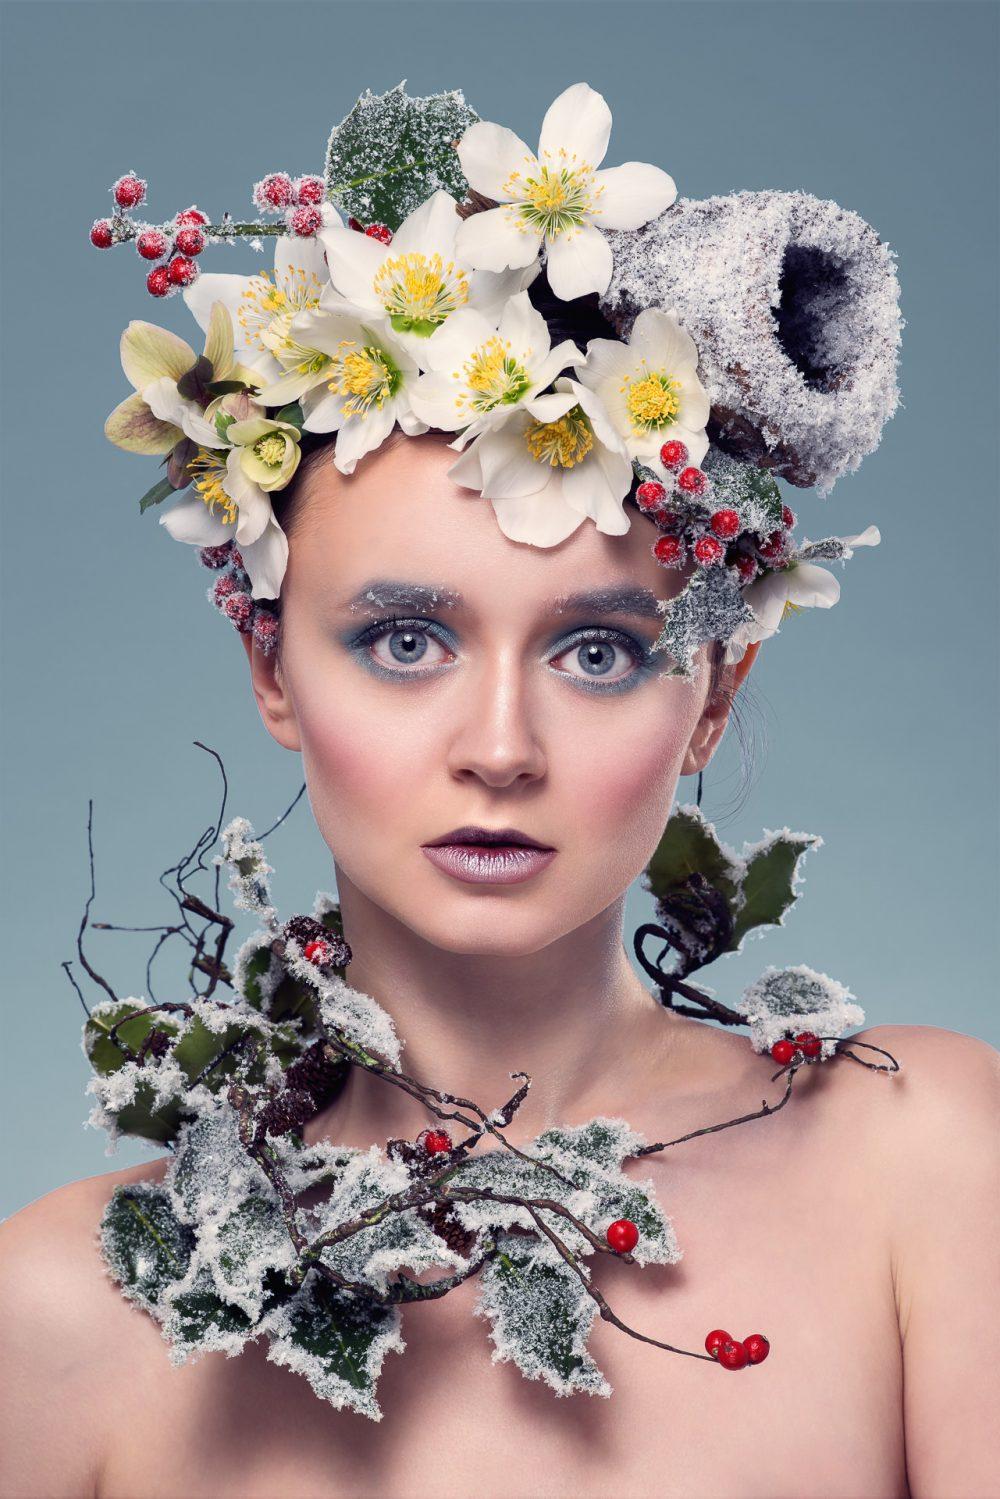 Photographe de beauté, mode et cosmetique